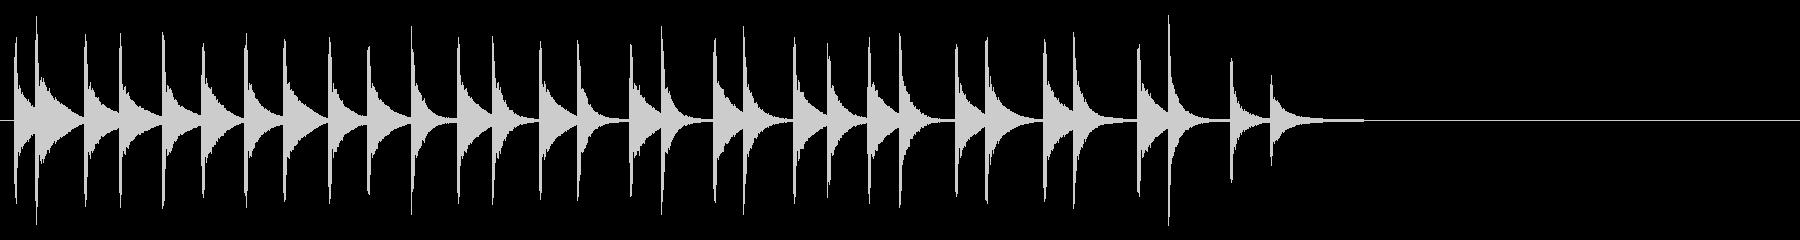 軽金属カウベル:安定したラトル、ベ...の未再生の波形